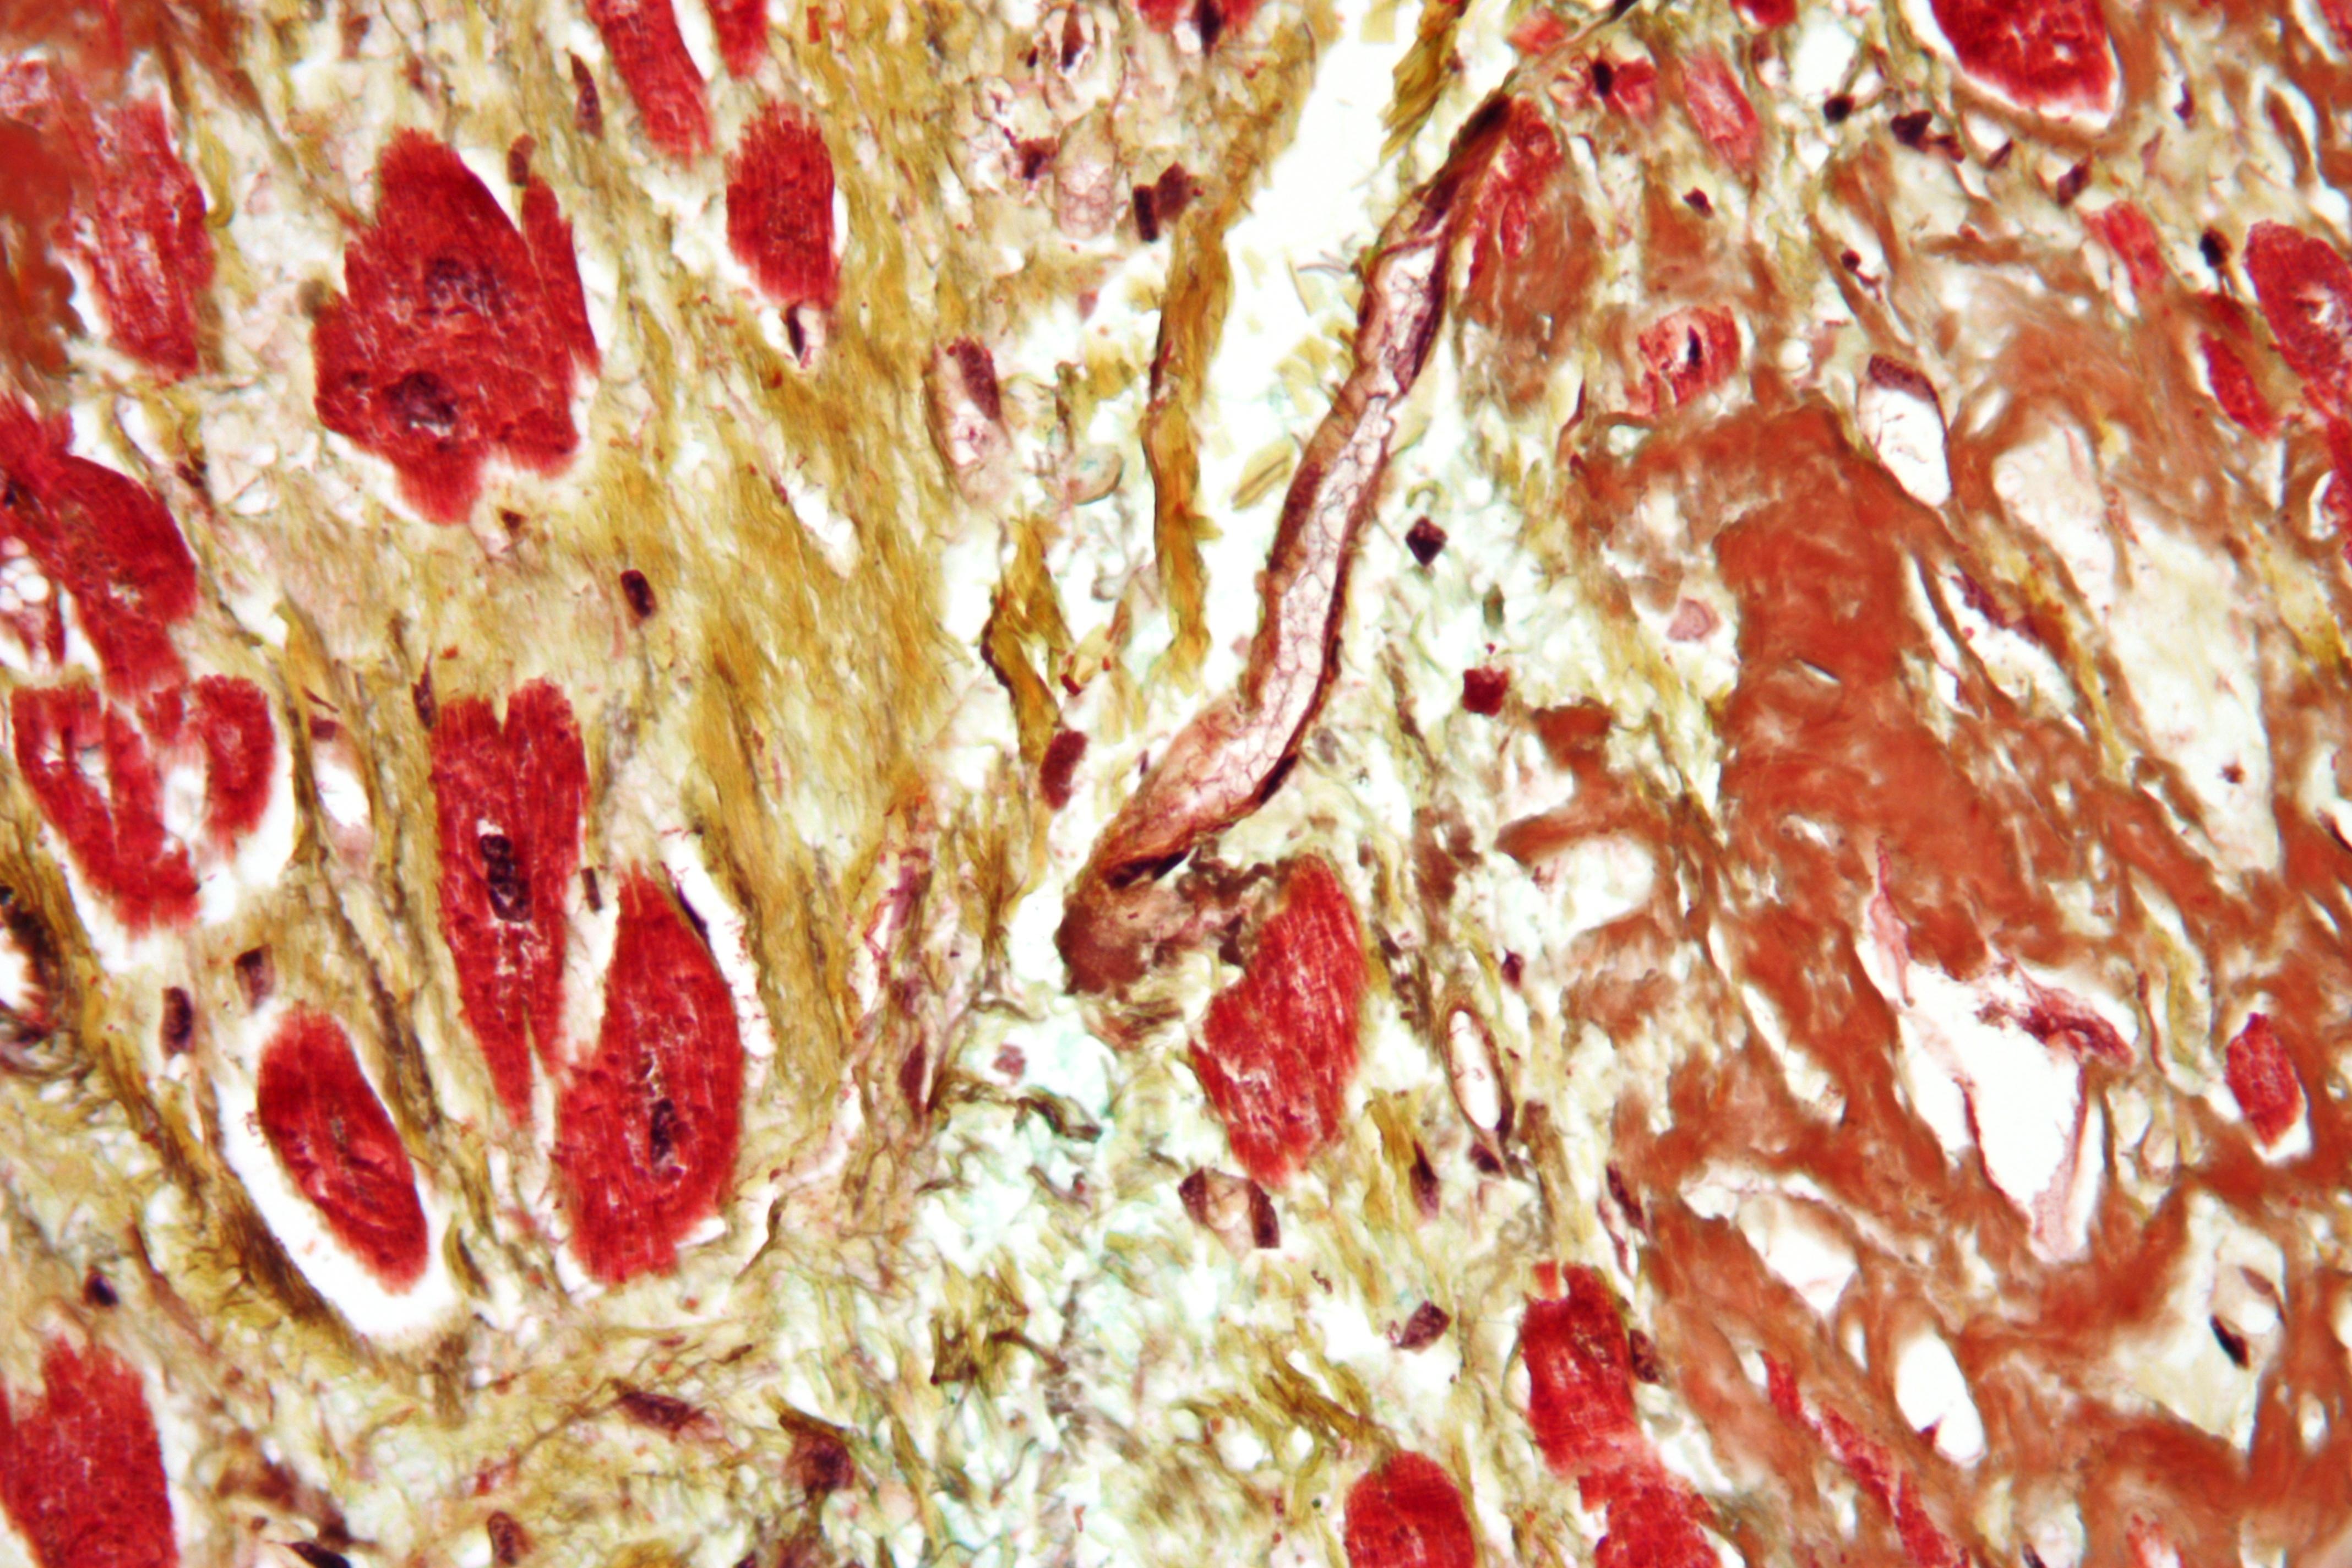 kardiovaskularna bolest je hipertenzija bilo hipertenzija može biti i do 25 godina